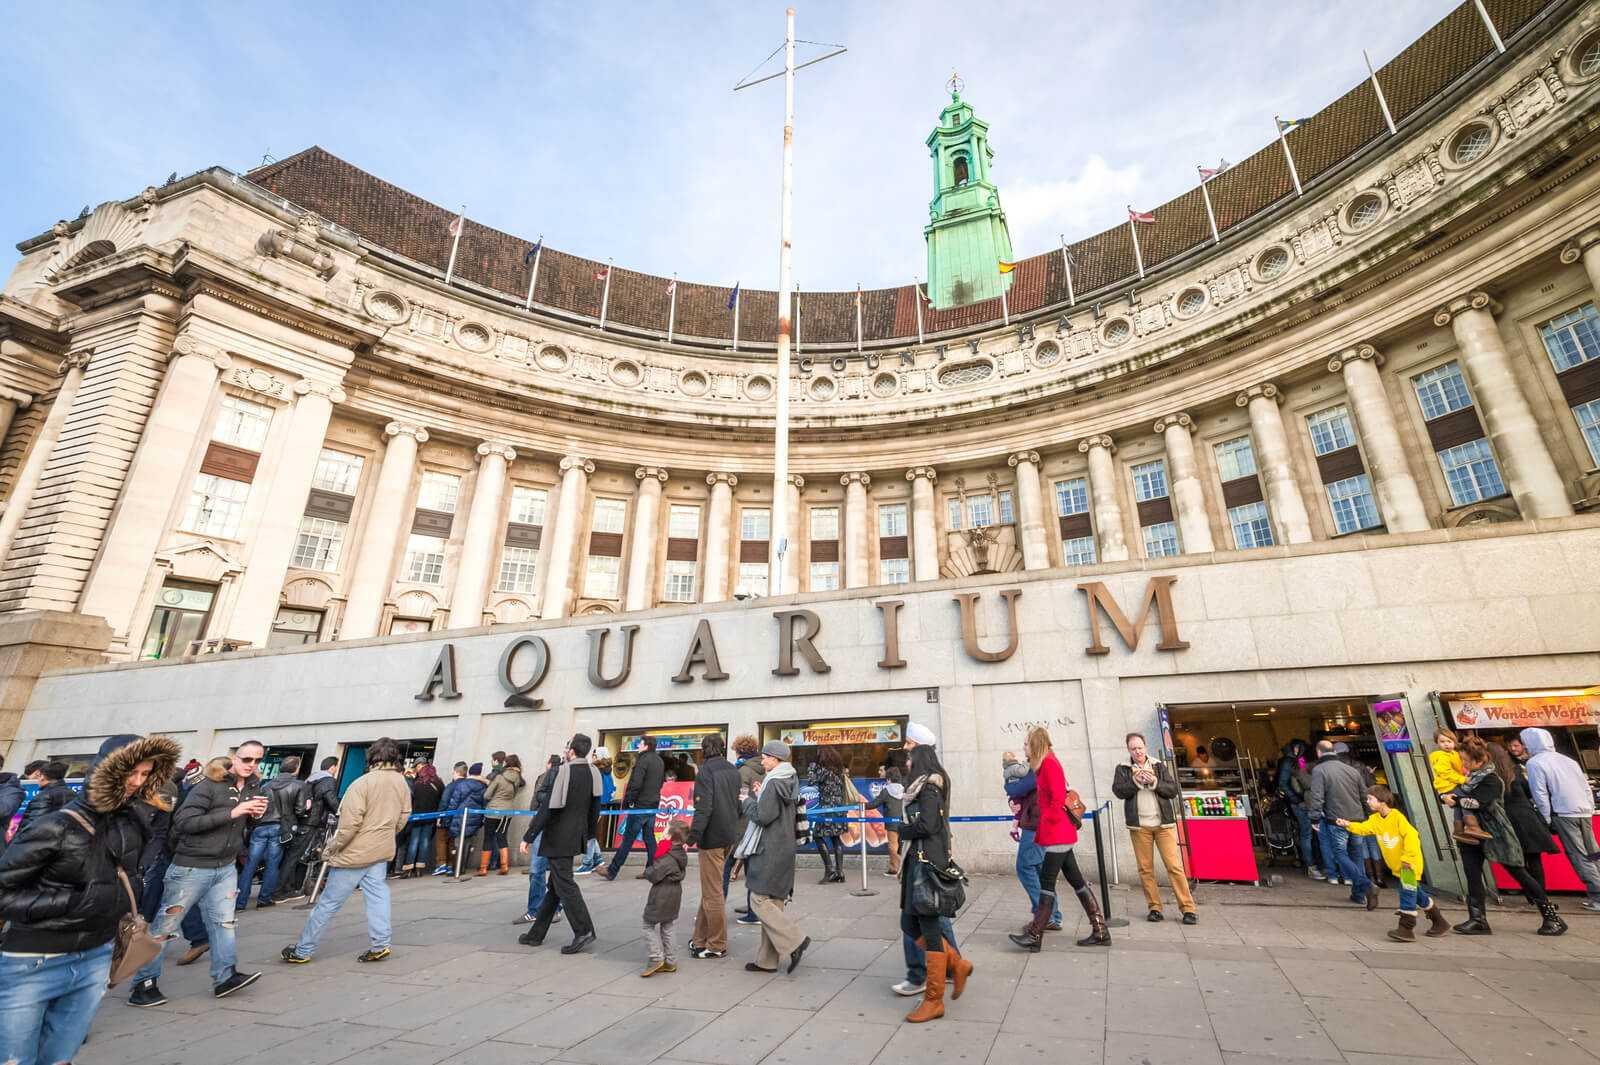 האקווריום של לונדון (Sea Life) - כרטיסים, הנחות וכל הפרטים!